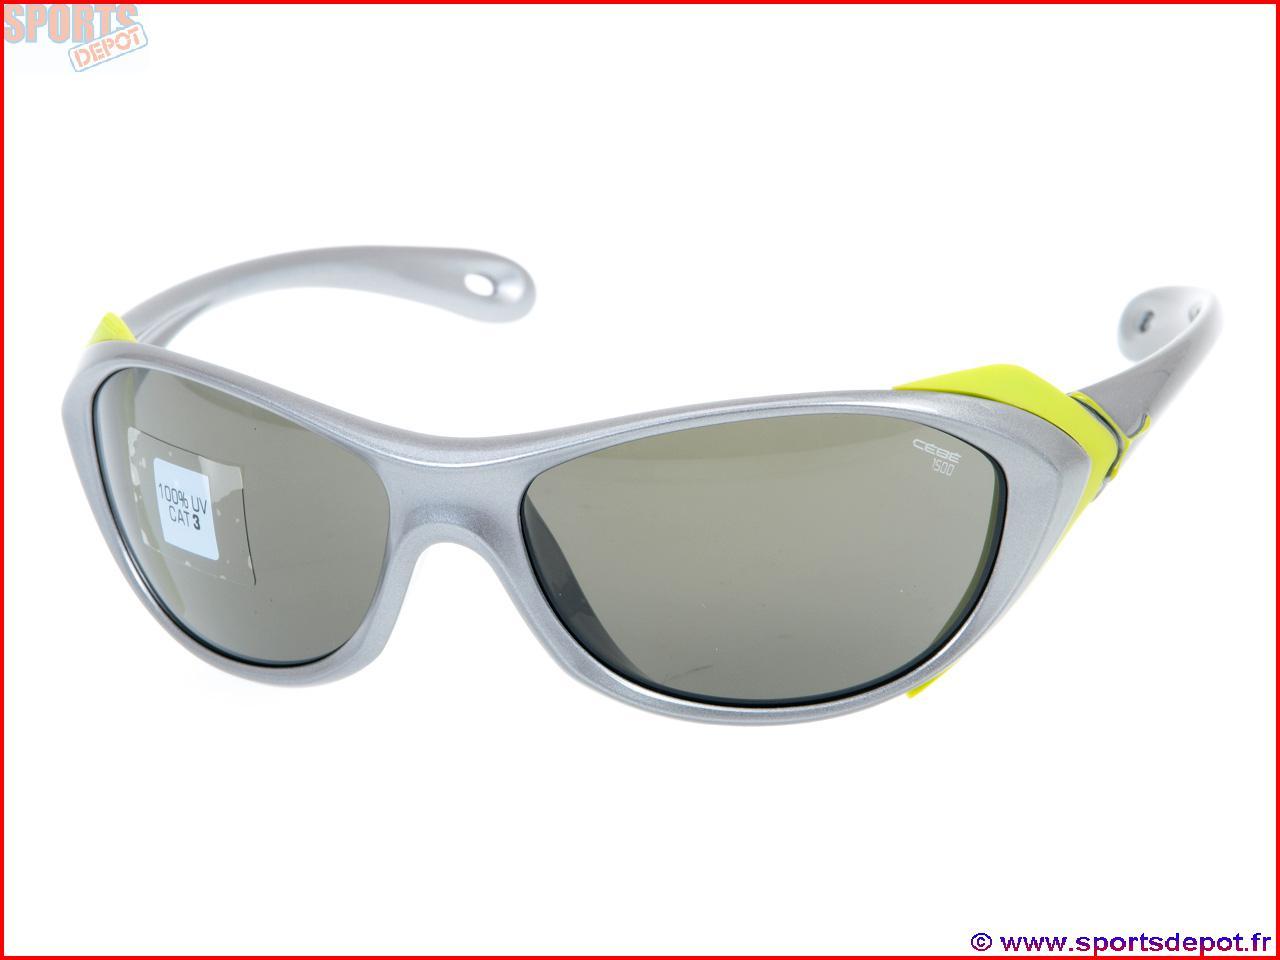 cebe ridge otg cb108 porteur de lunettes catgorie masques. Black Bedroom Furniture Sets. Home Design Ideas